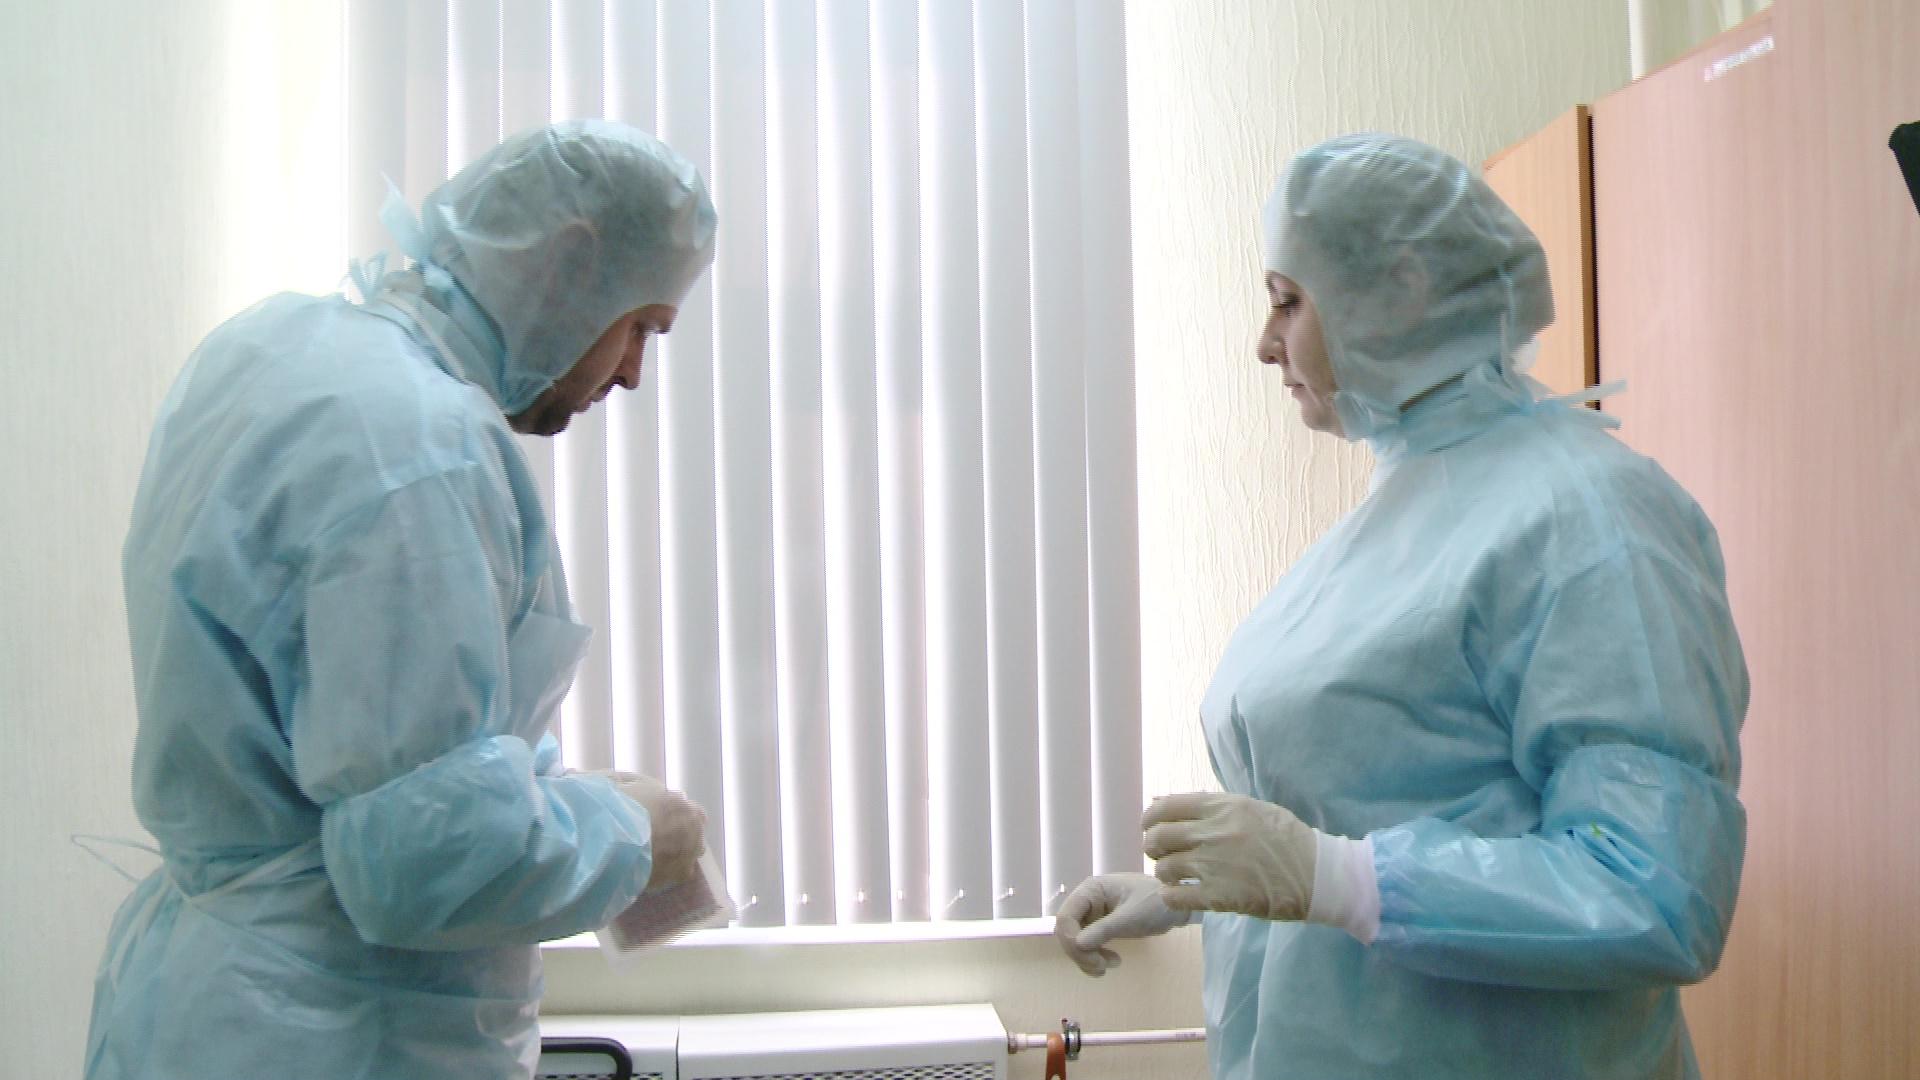 Врачи туберкулезной больницы рассказали о работе с пациентами с коронавирусом